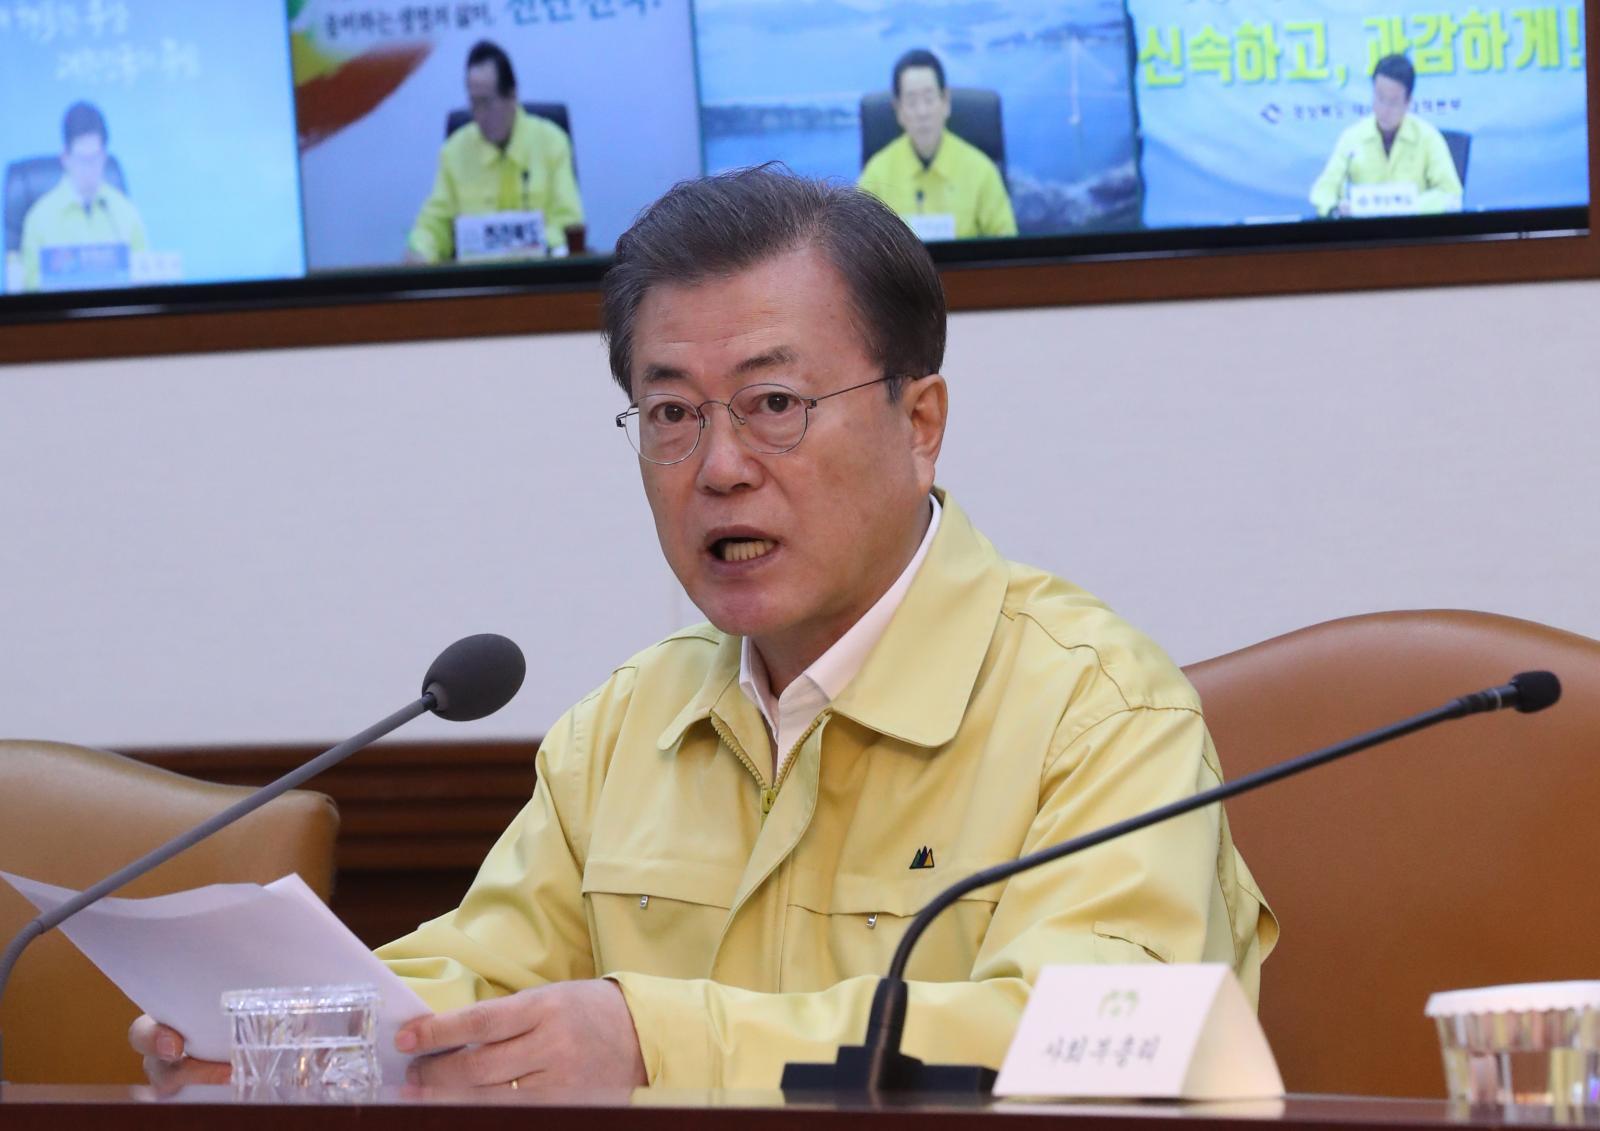 ปธน.เกาหลีใต้ ยกระดับเตือนภัย โควิด-19 สูงสุด หลังผู้ป่วยทะลุ 600 คน